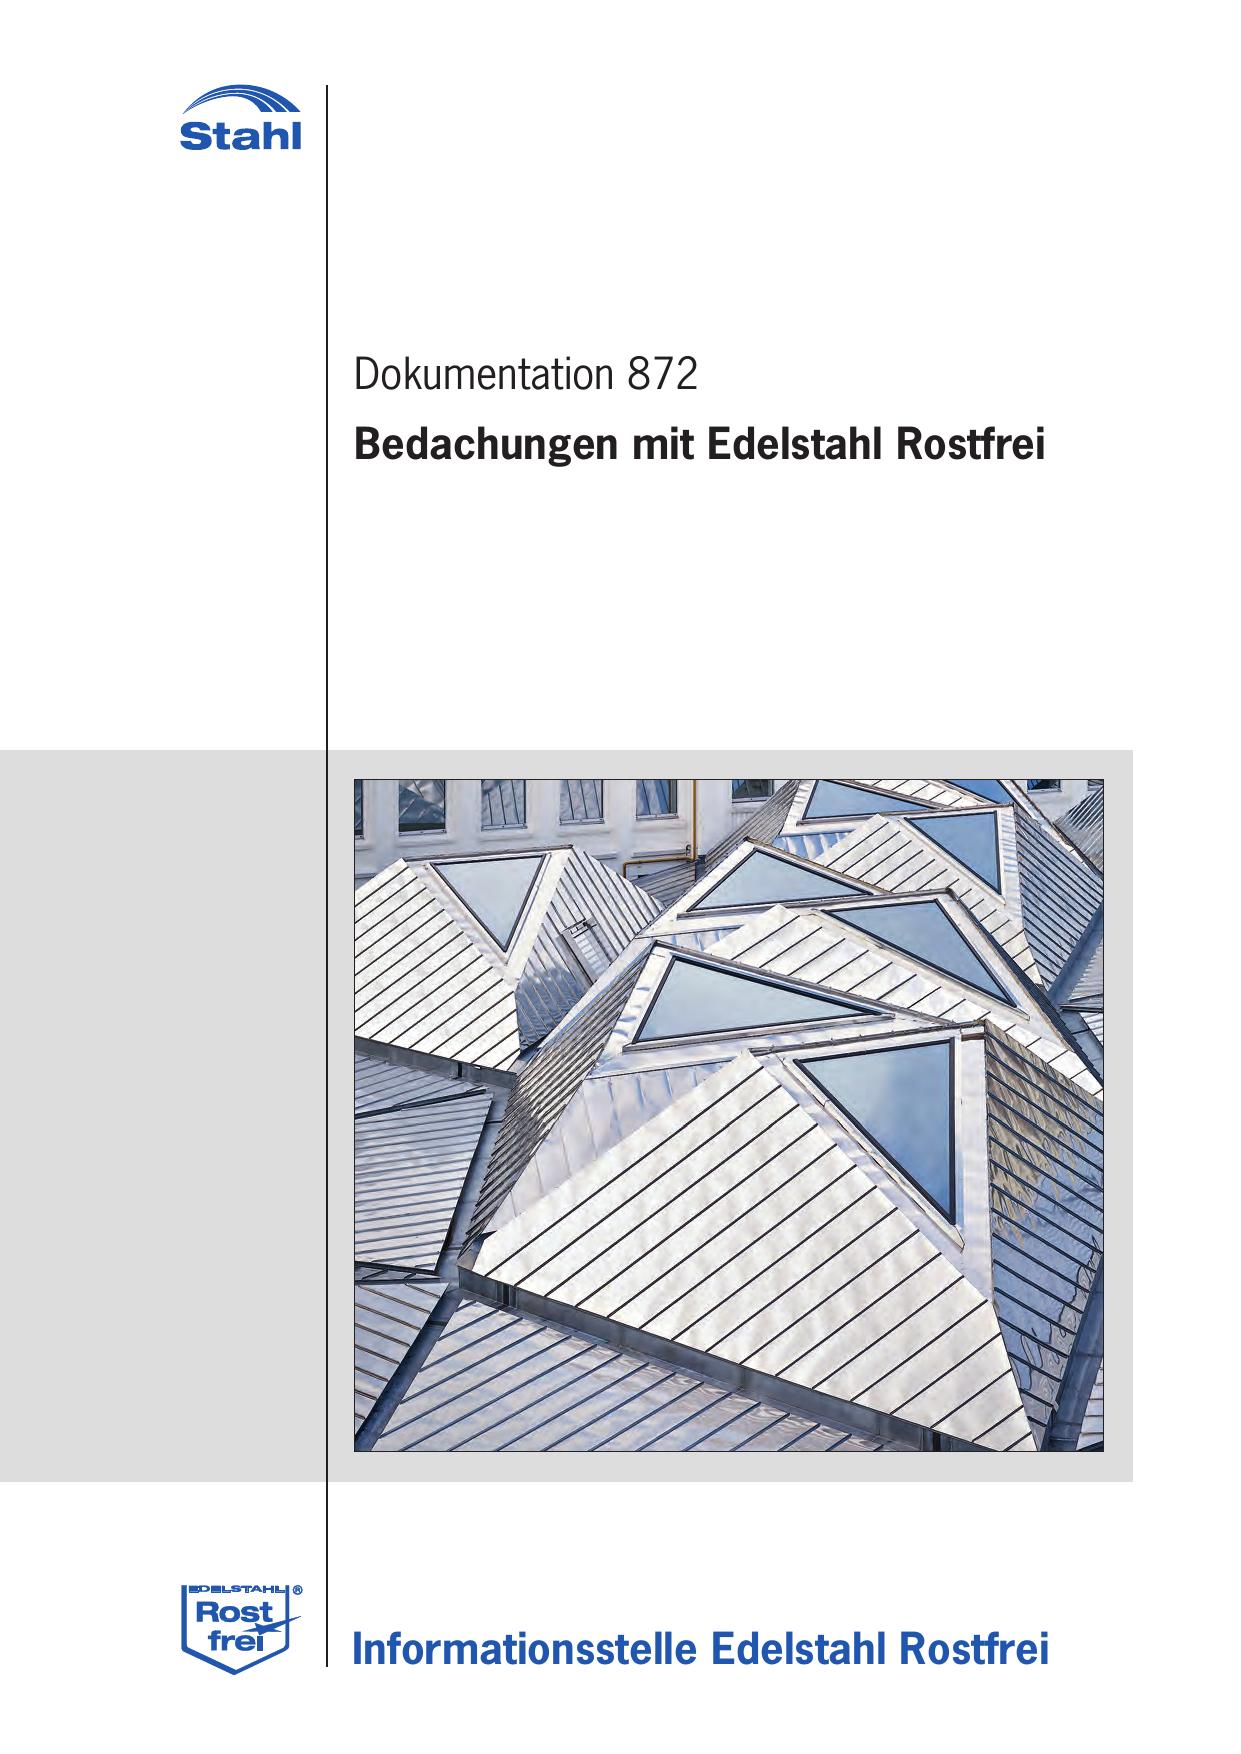 Fantastisch Netzdruck Heißwassersystem Ideen - Schaltplan Serie ...